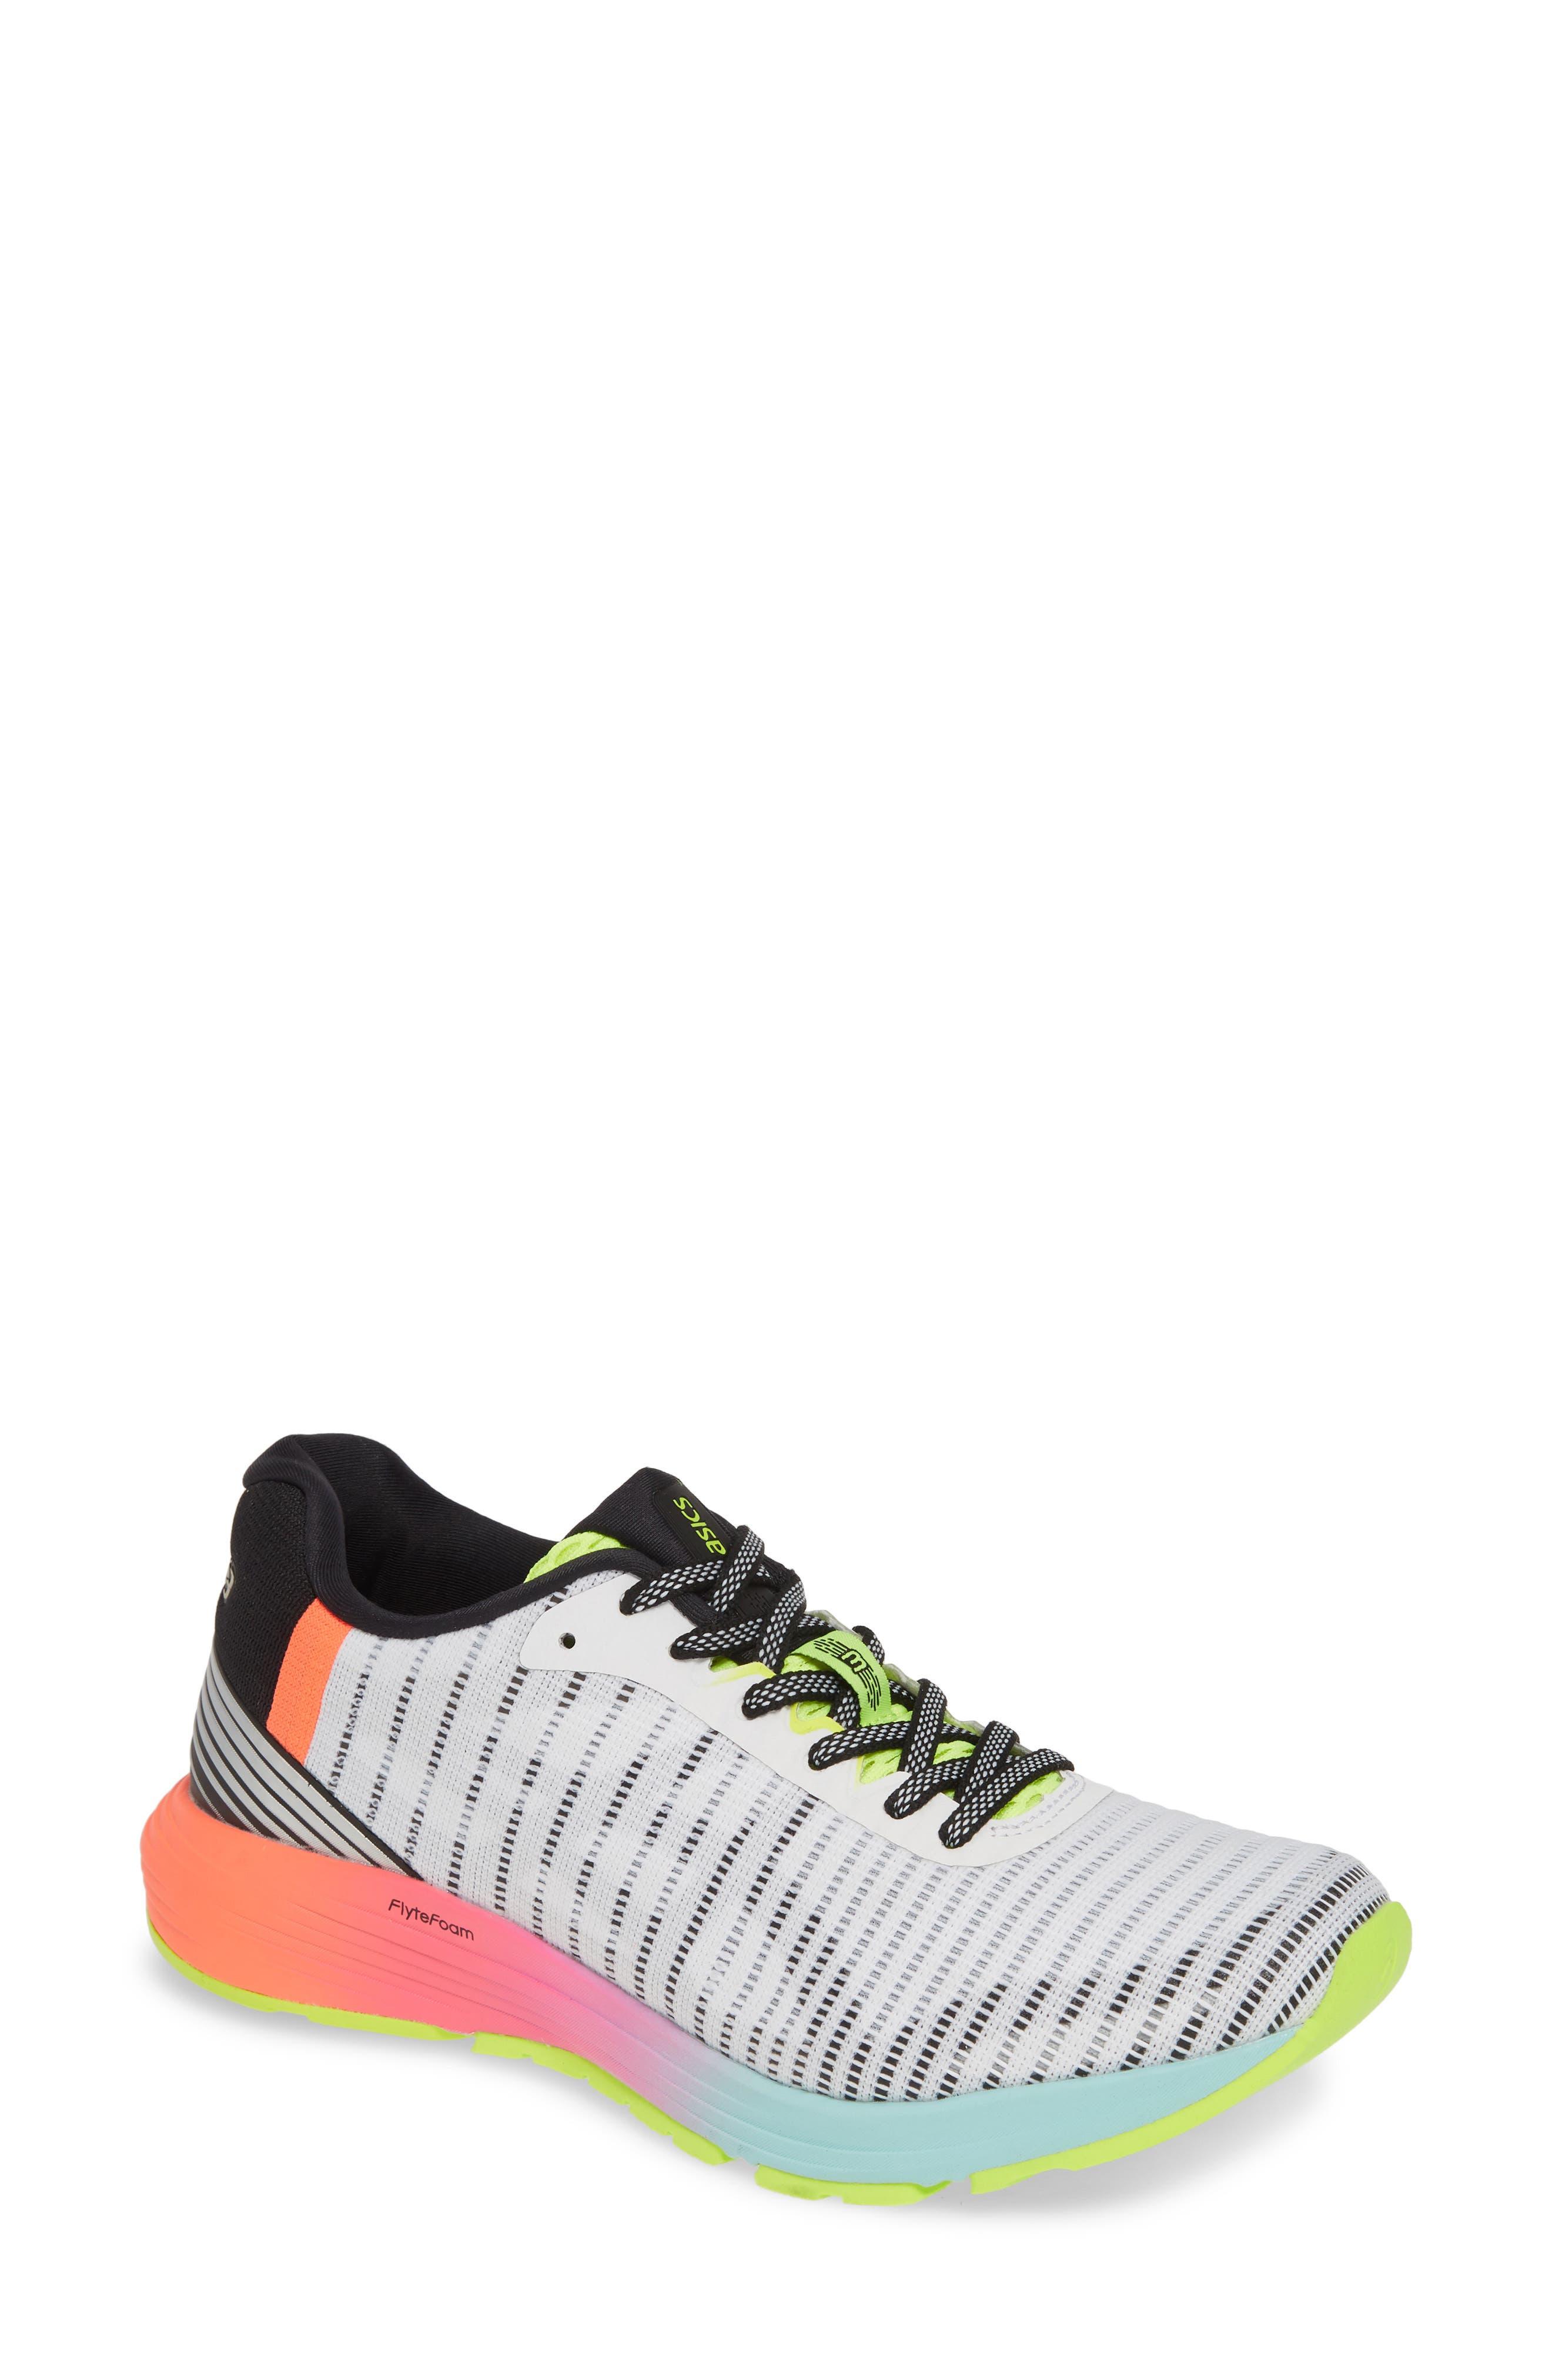 Asics Dynaflyte 3 Sp Running Shoe, White